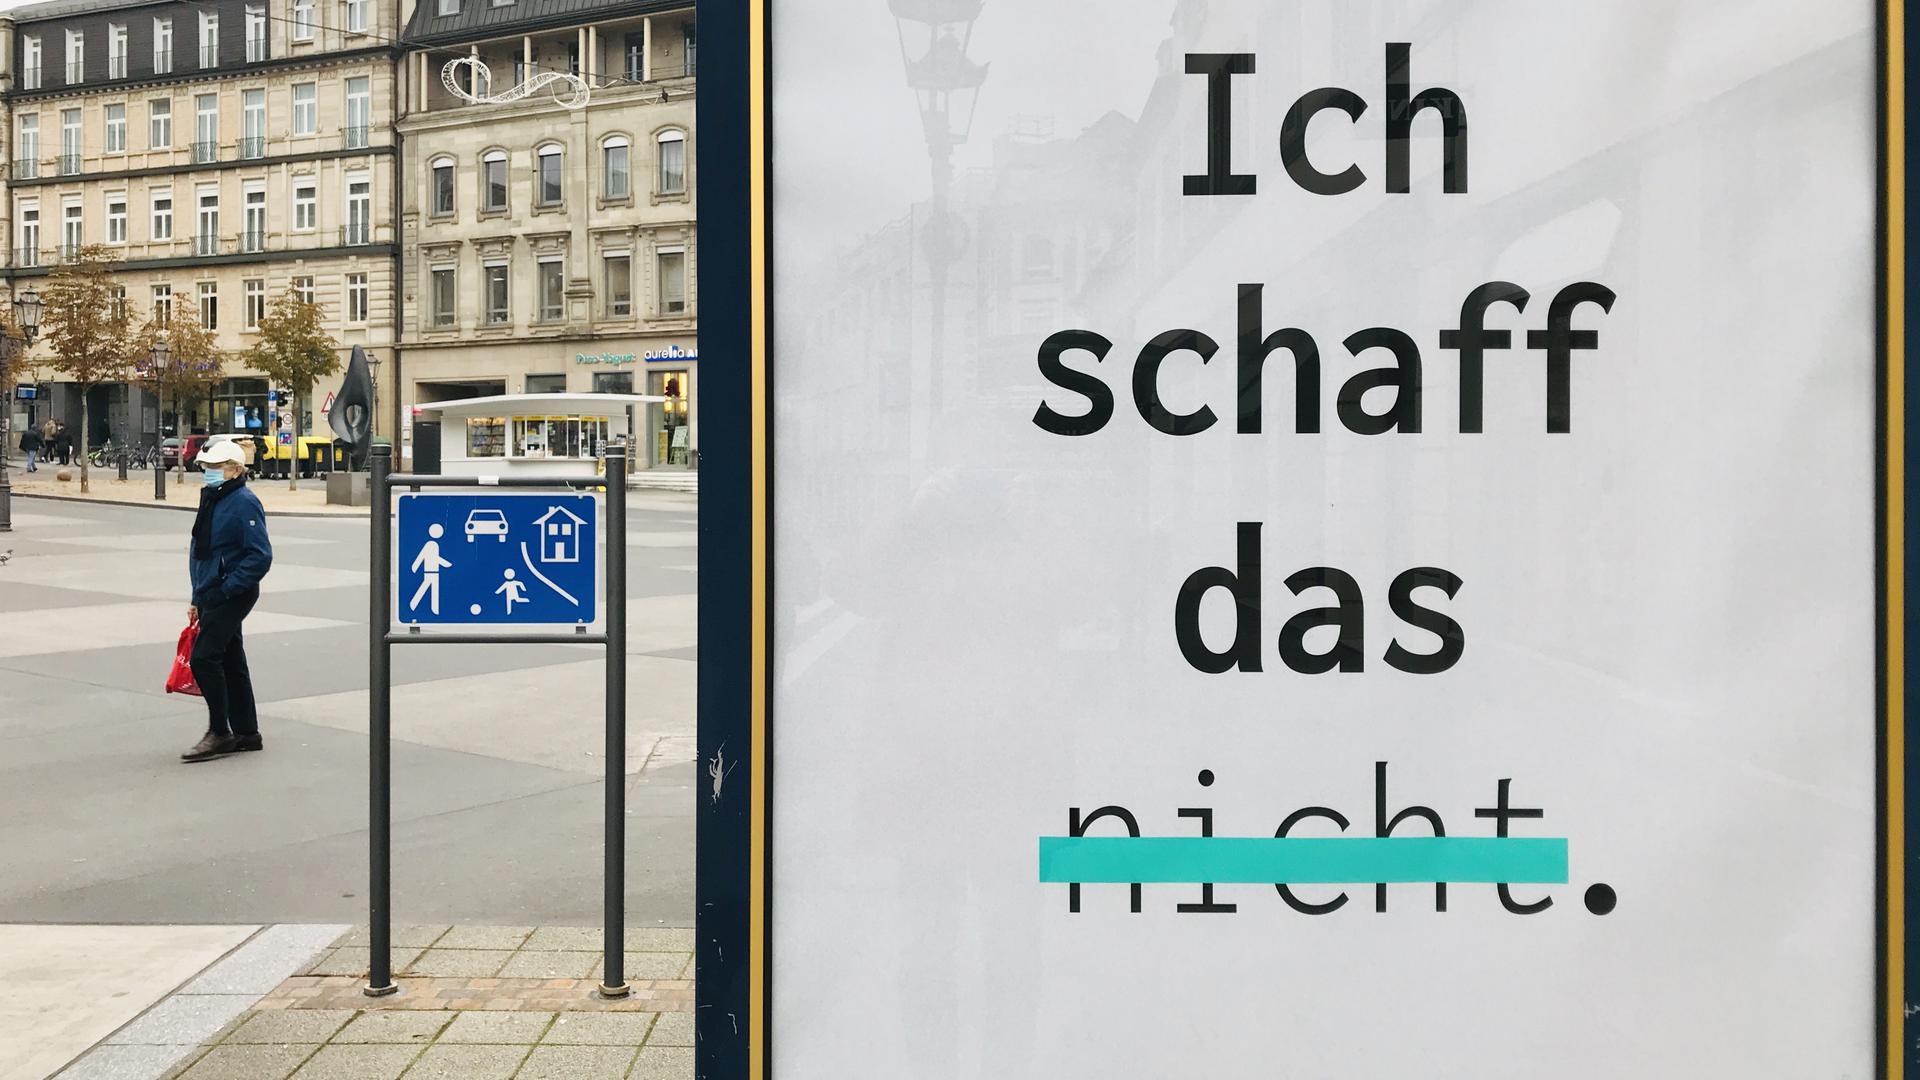 """Ein Motiv einer Kampagene der Robert-Enke-Stiftung mit der Aufschrift """"Ich schaff das"""" hängt an einer Bushaltestelle am Leopoldsplatz in Baden-Baden. Es soll depressiven Menschen Mut machen, sich Hilfe zu holen."""